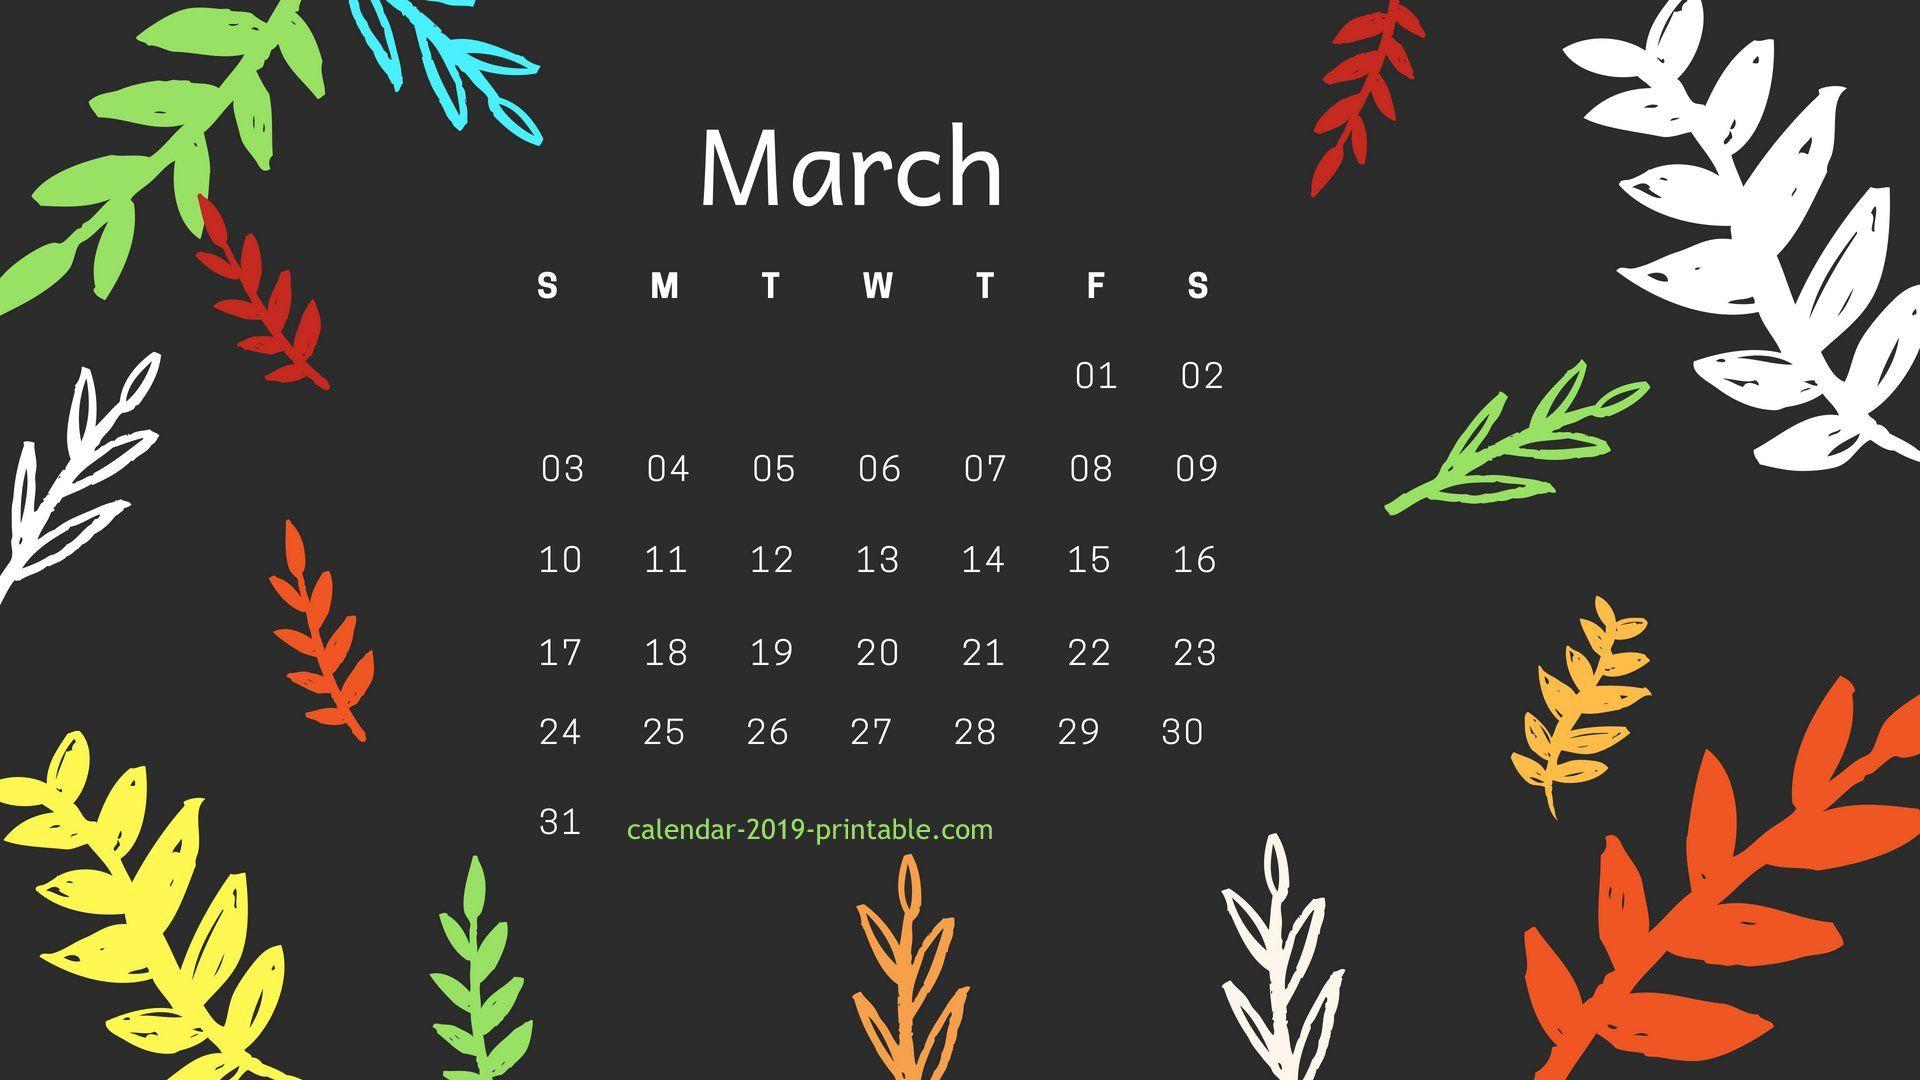 march 2019 hd calendar wallpaper Desktop wallpaper calendar 1920x1080